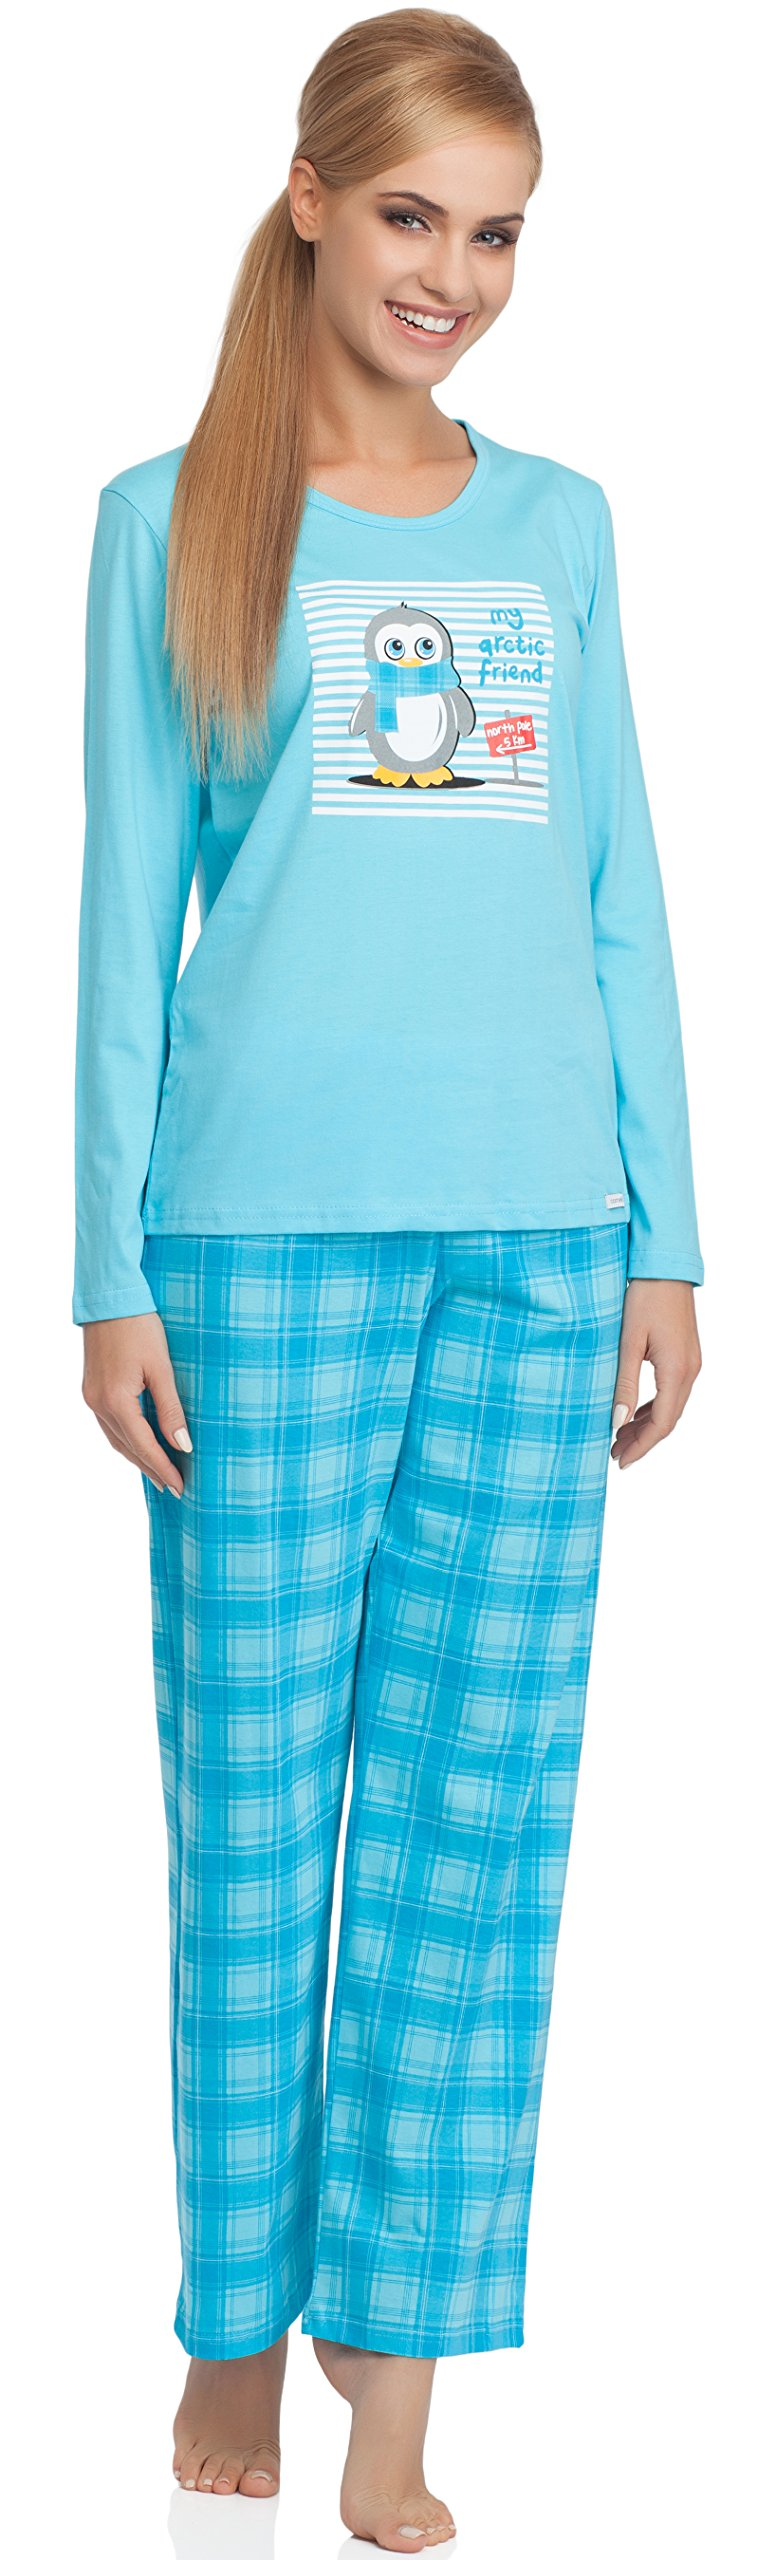 Cornette Pijamas Verano Invierno Conjuntos Mujer Pantalones Ropa CR-655-Arctic Friend product image